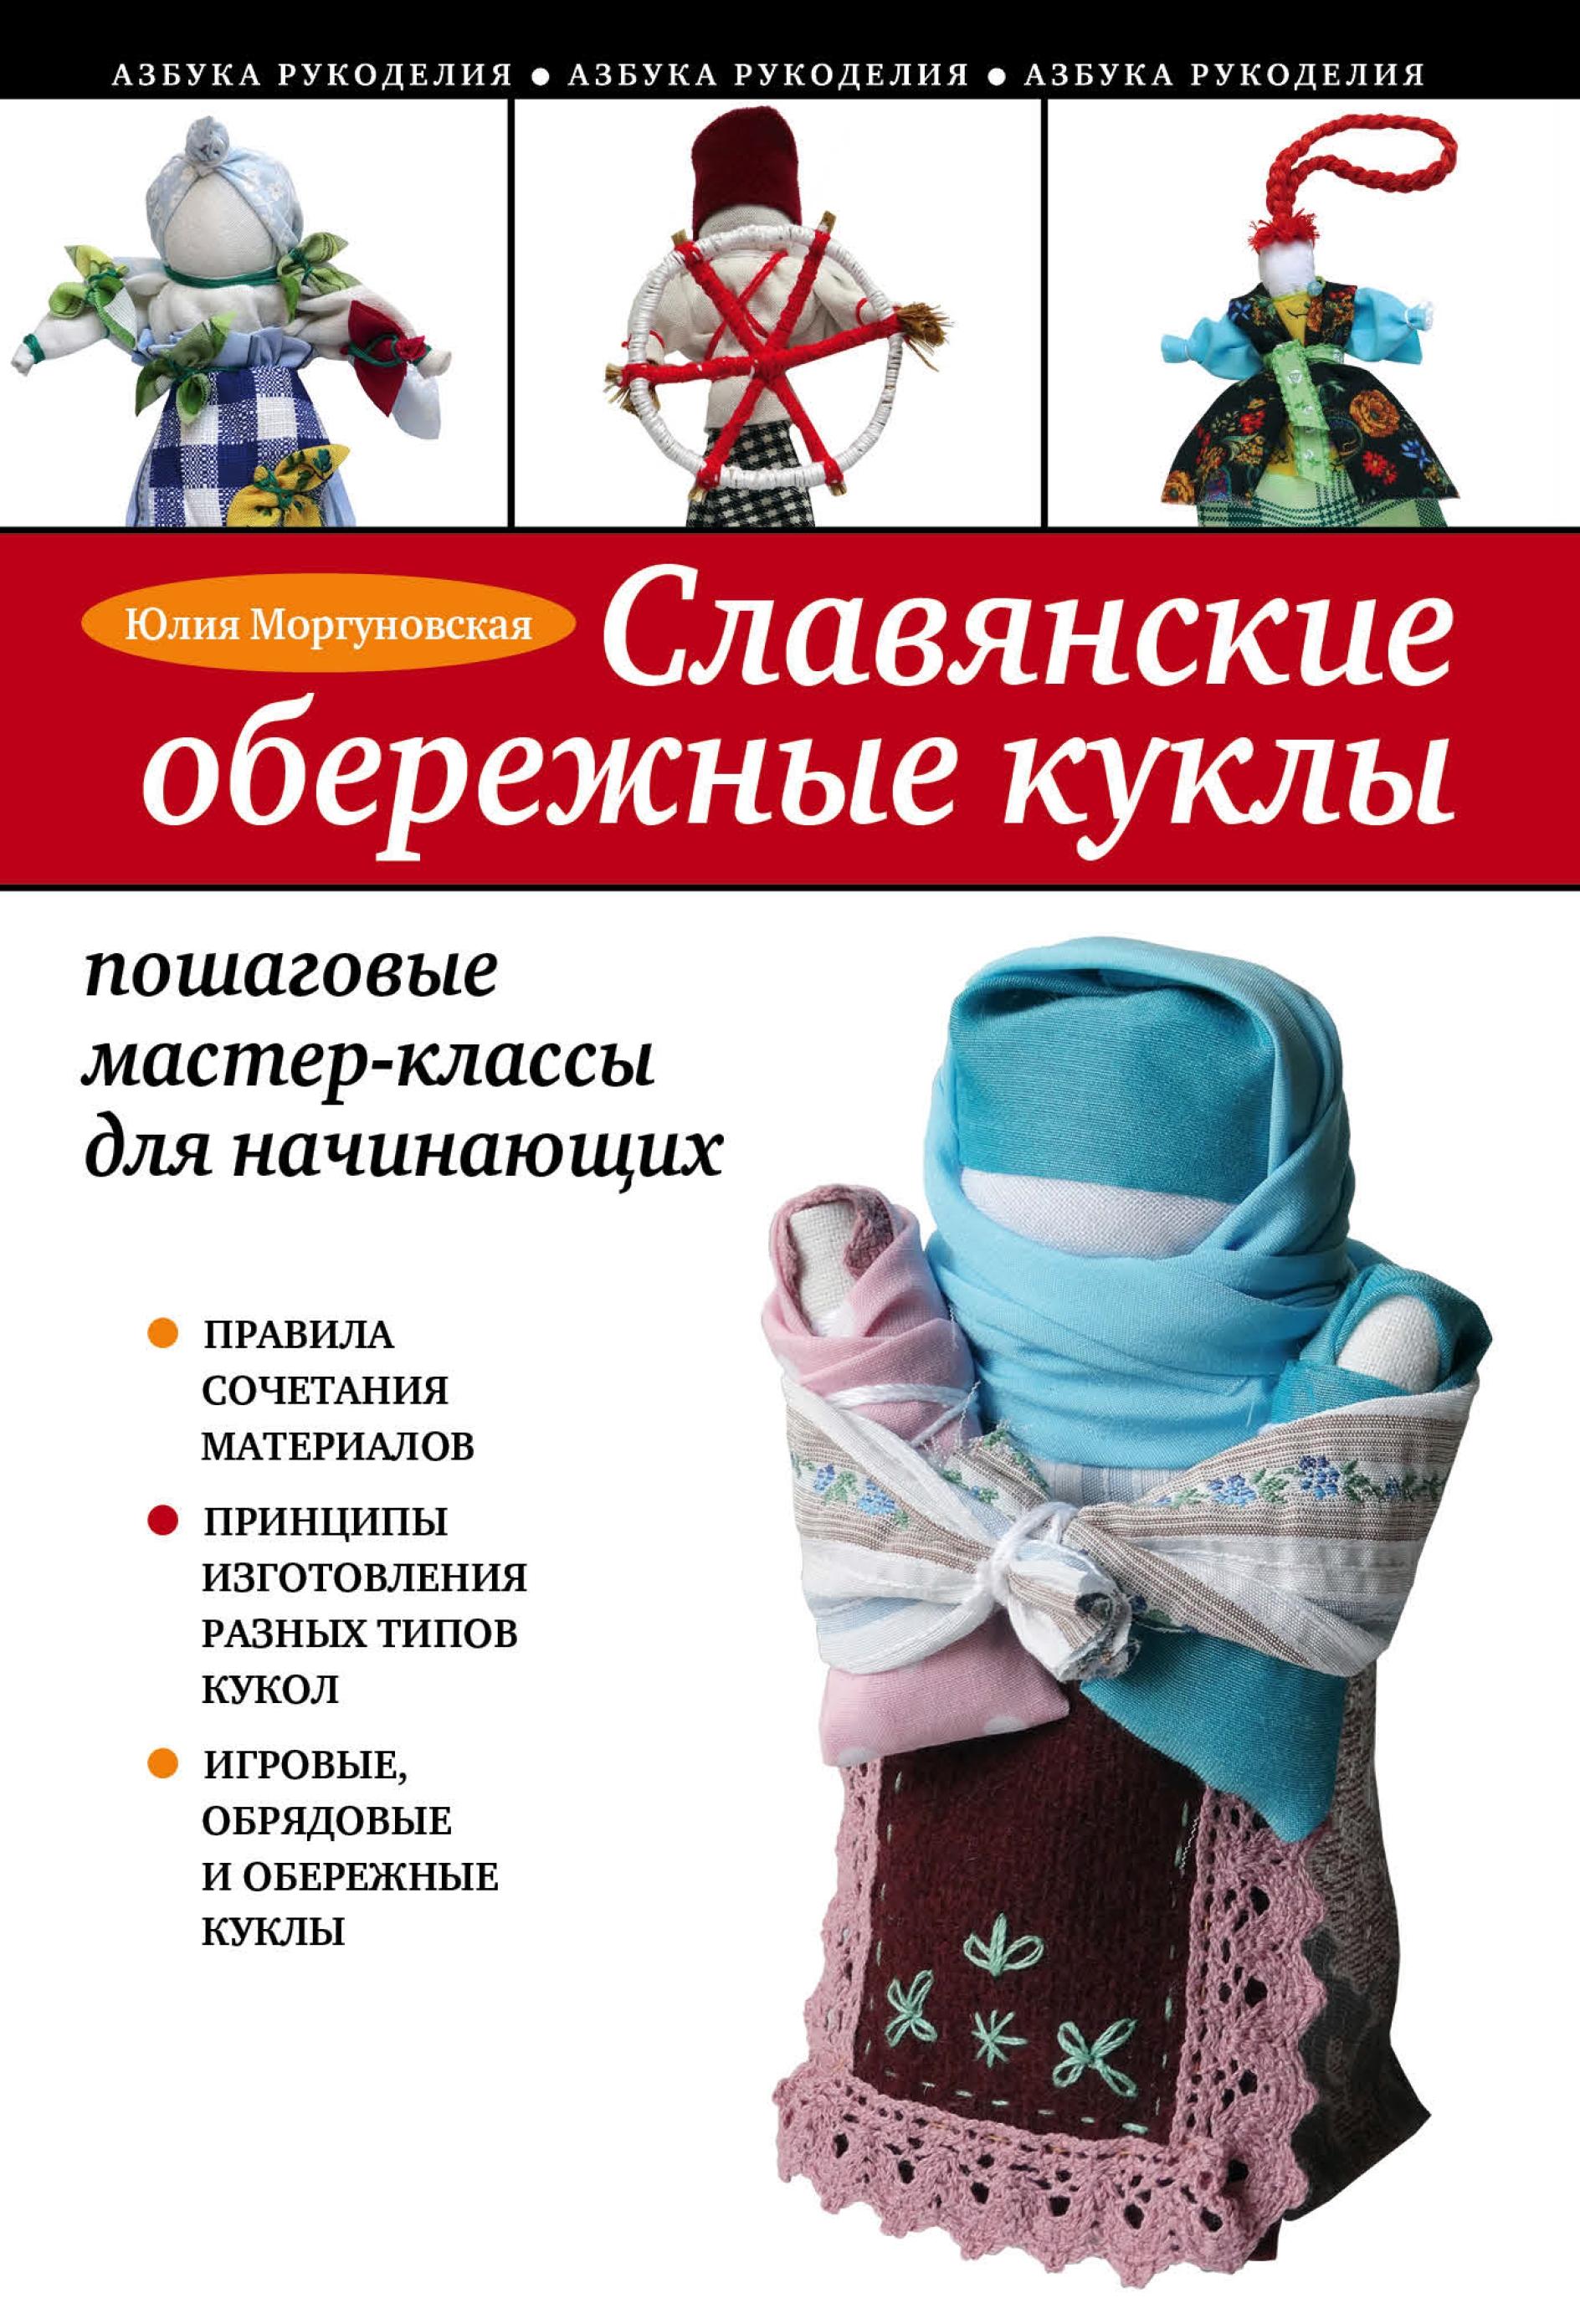 Юлия Моргуновская Славянские обережные куклы. Пошаговые мастер-классы для начинающих